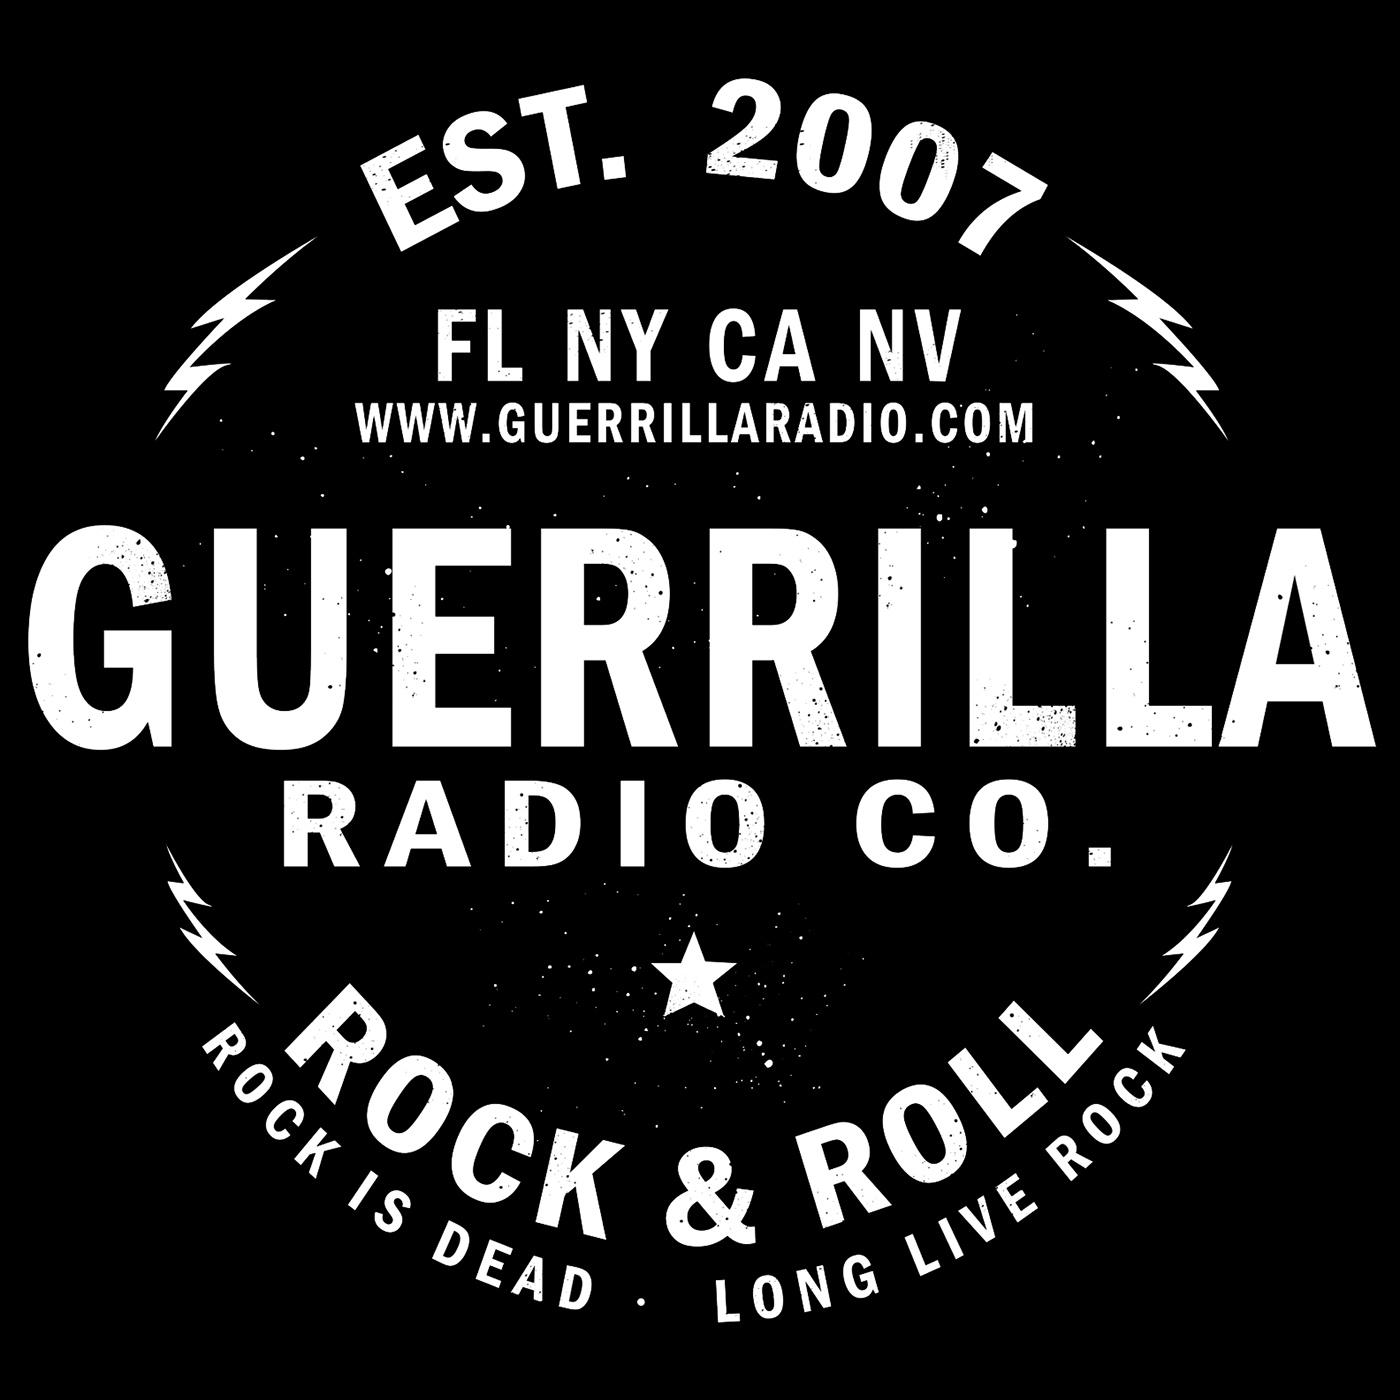 Guerrilla Radio